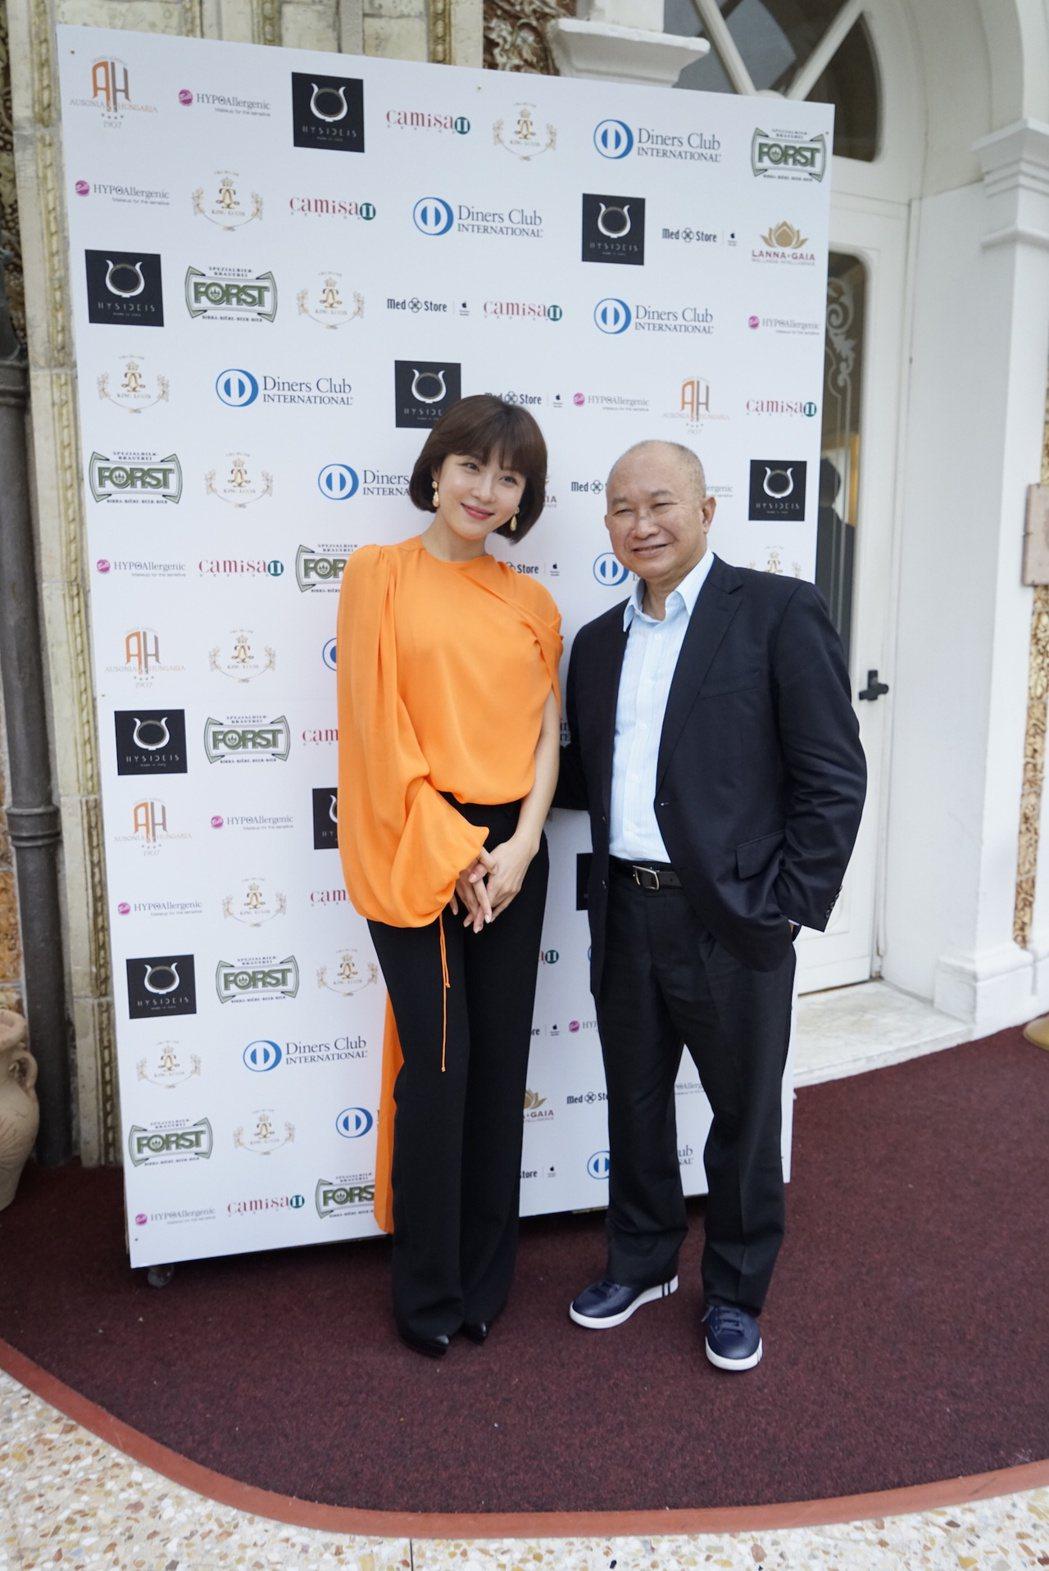 吳宇森執導新片「追捕」,與女主角河智苑一同前往威尼斯影展首映。圖/華映提供